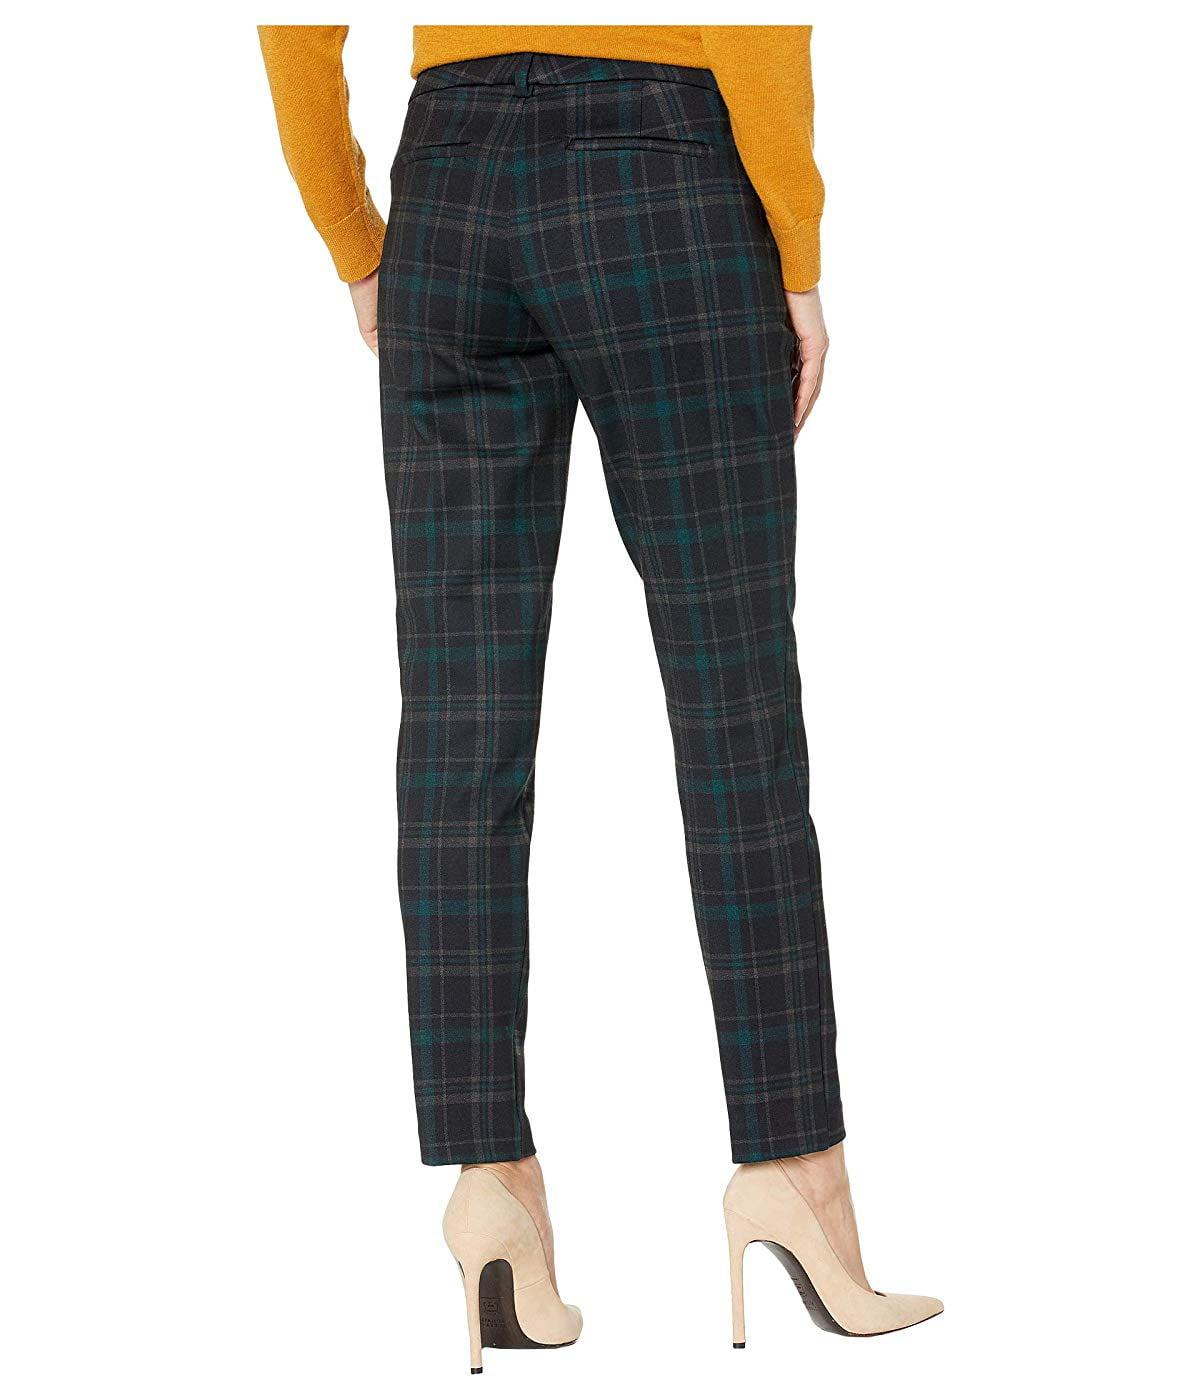 Liverpool Liverpool Kelsey Knit Trousers In Tartan Plaid Knit Black Evergreen Walmart Com Walmart Com